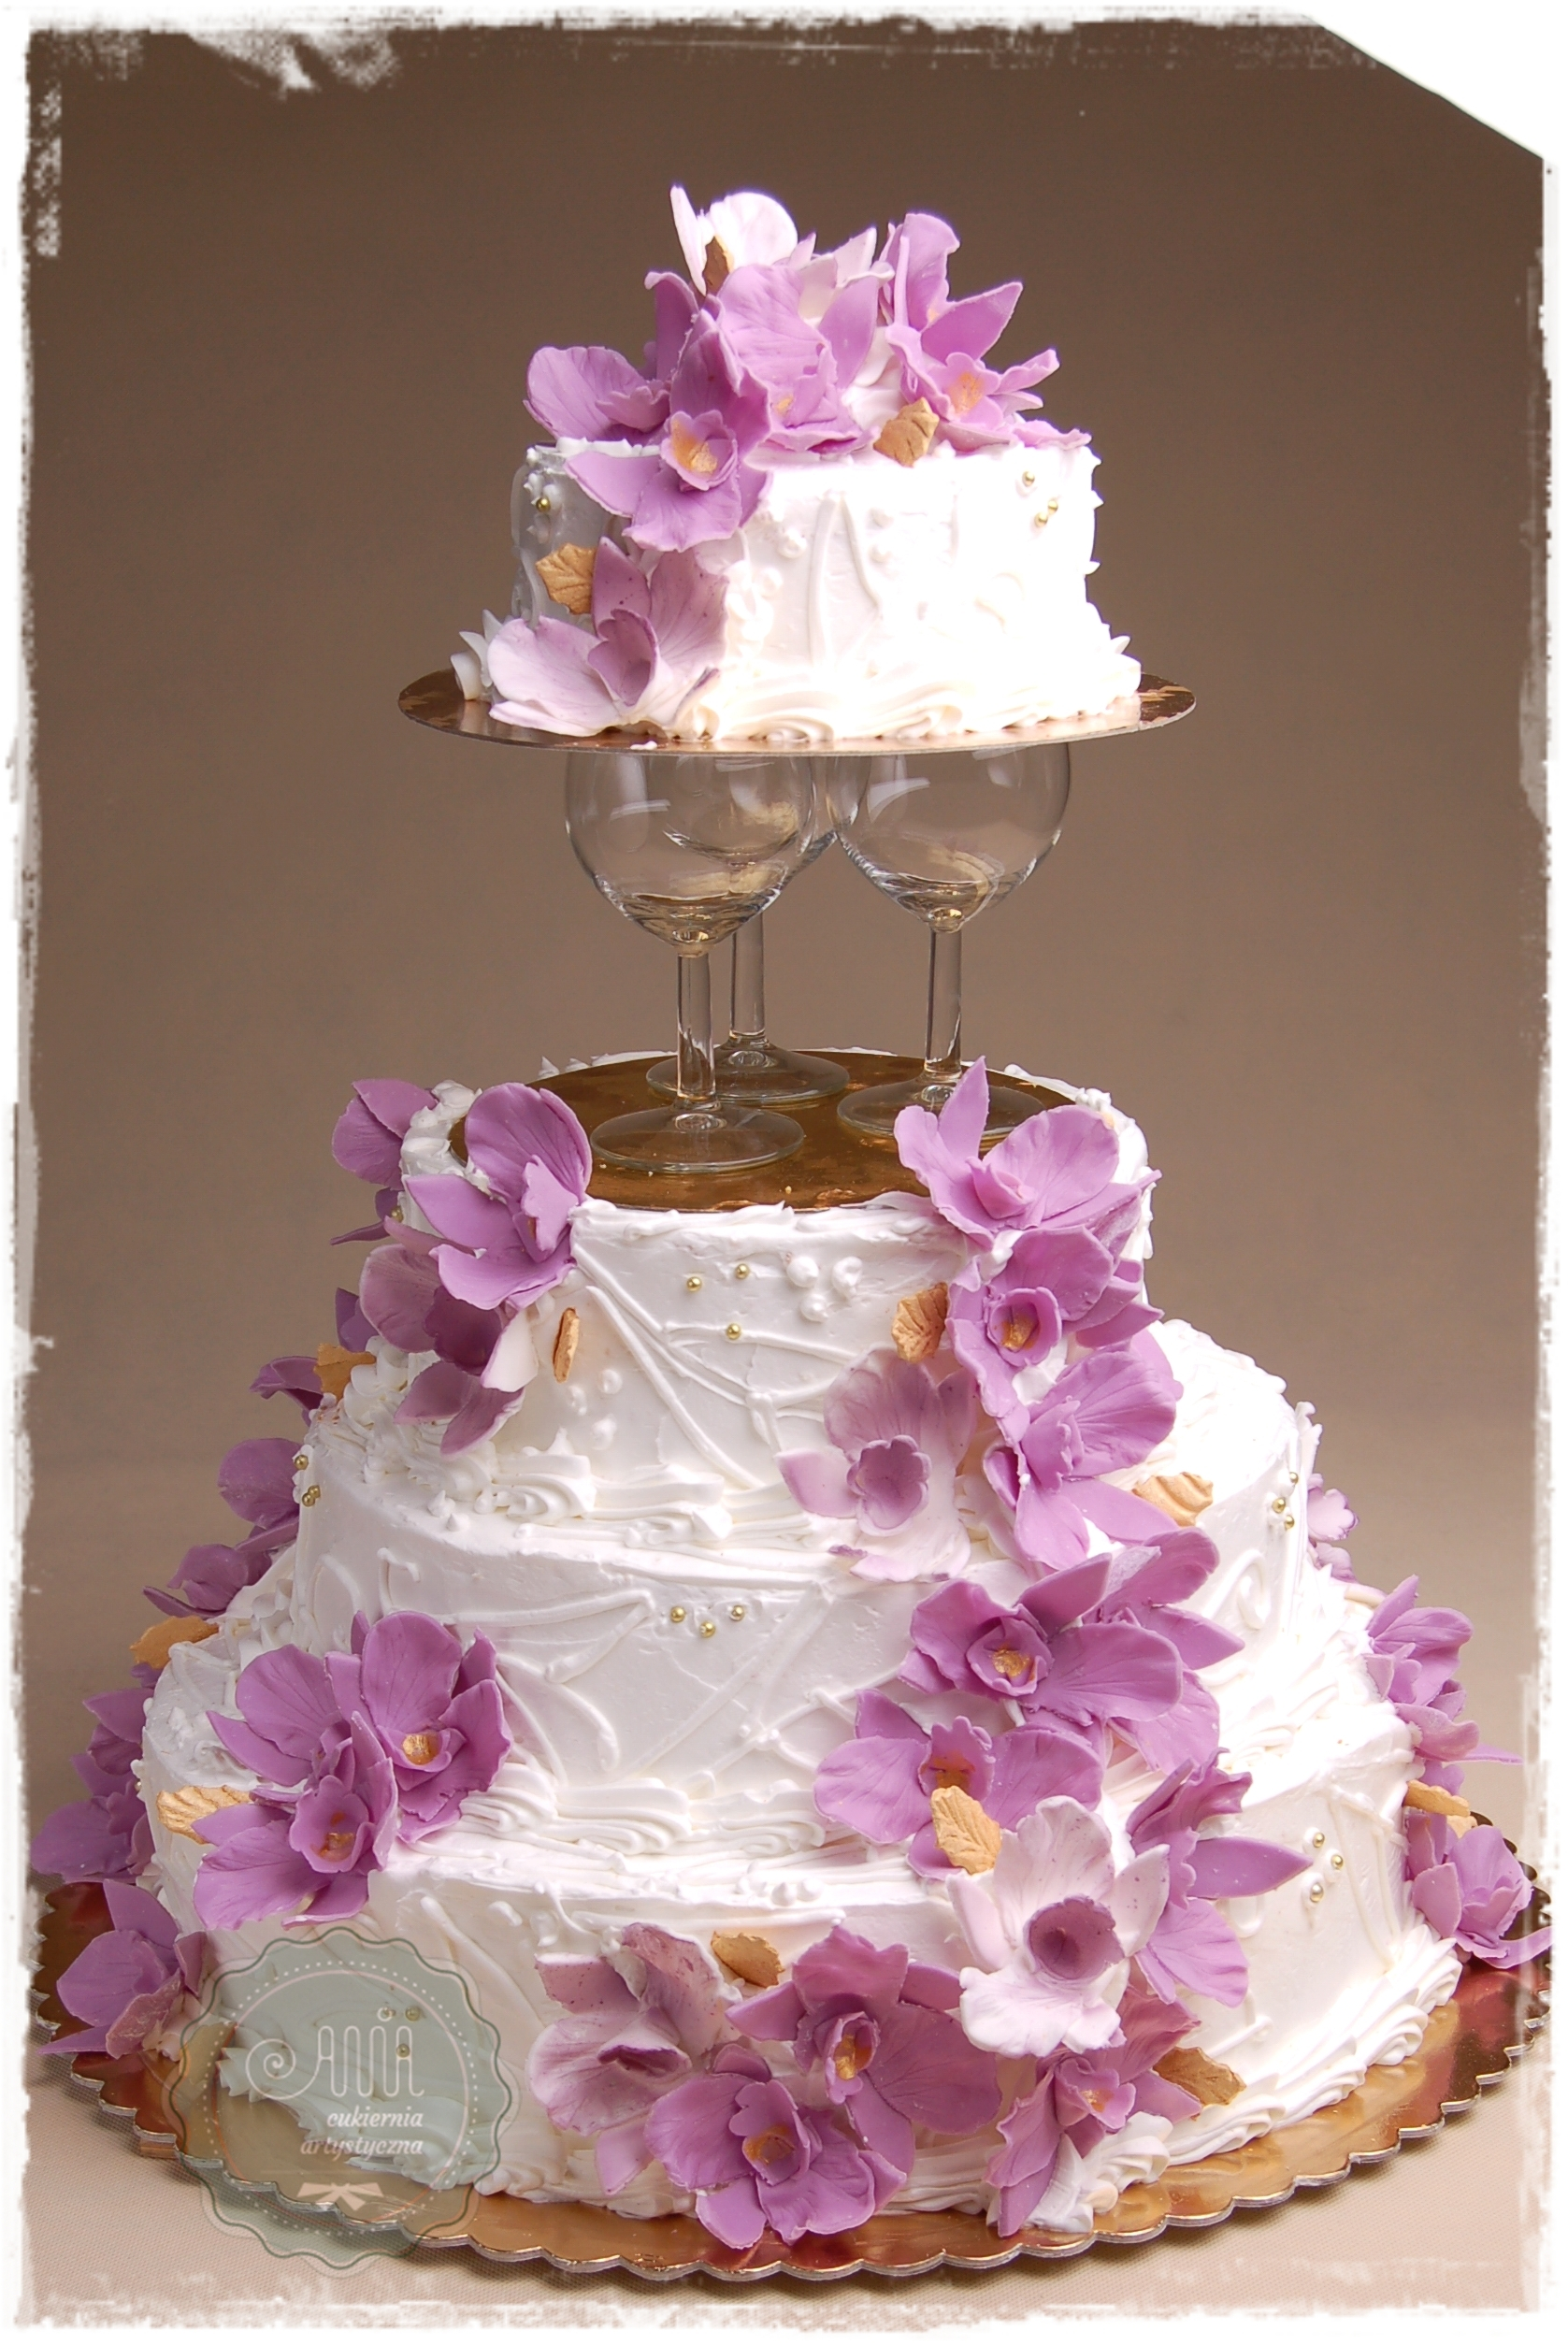 Tort weselny Złoty Blask lawendowy - zdjęcie 1